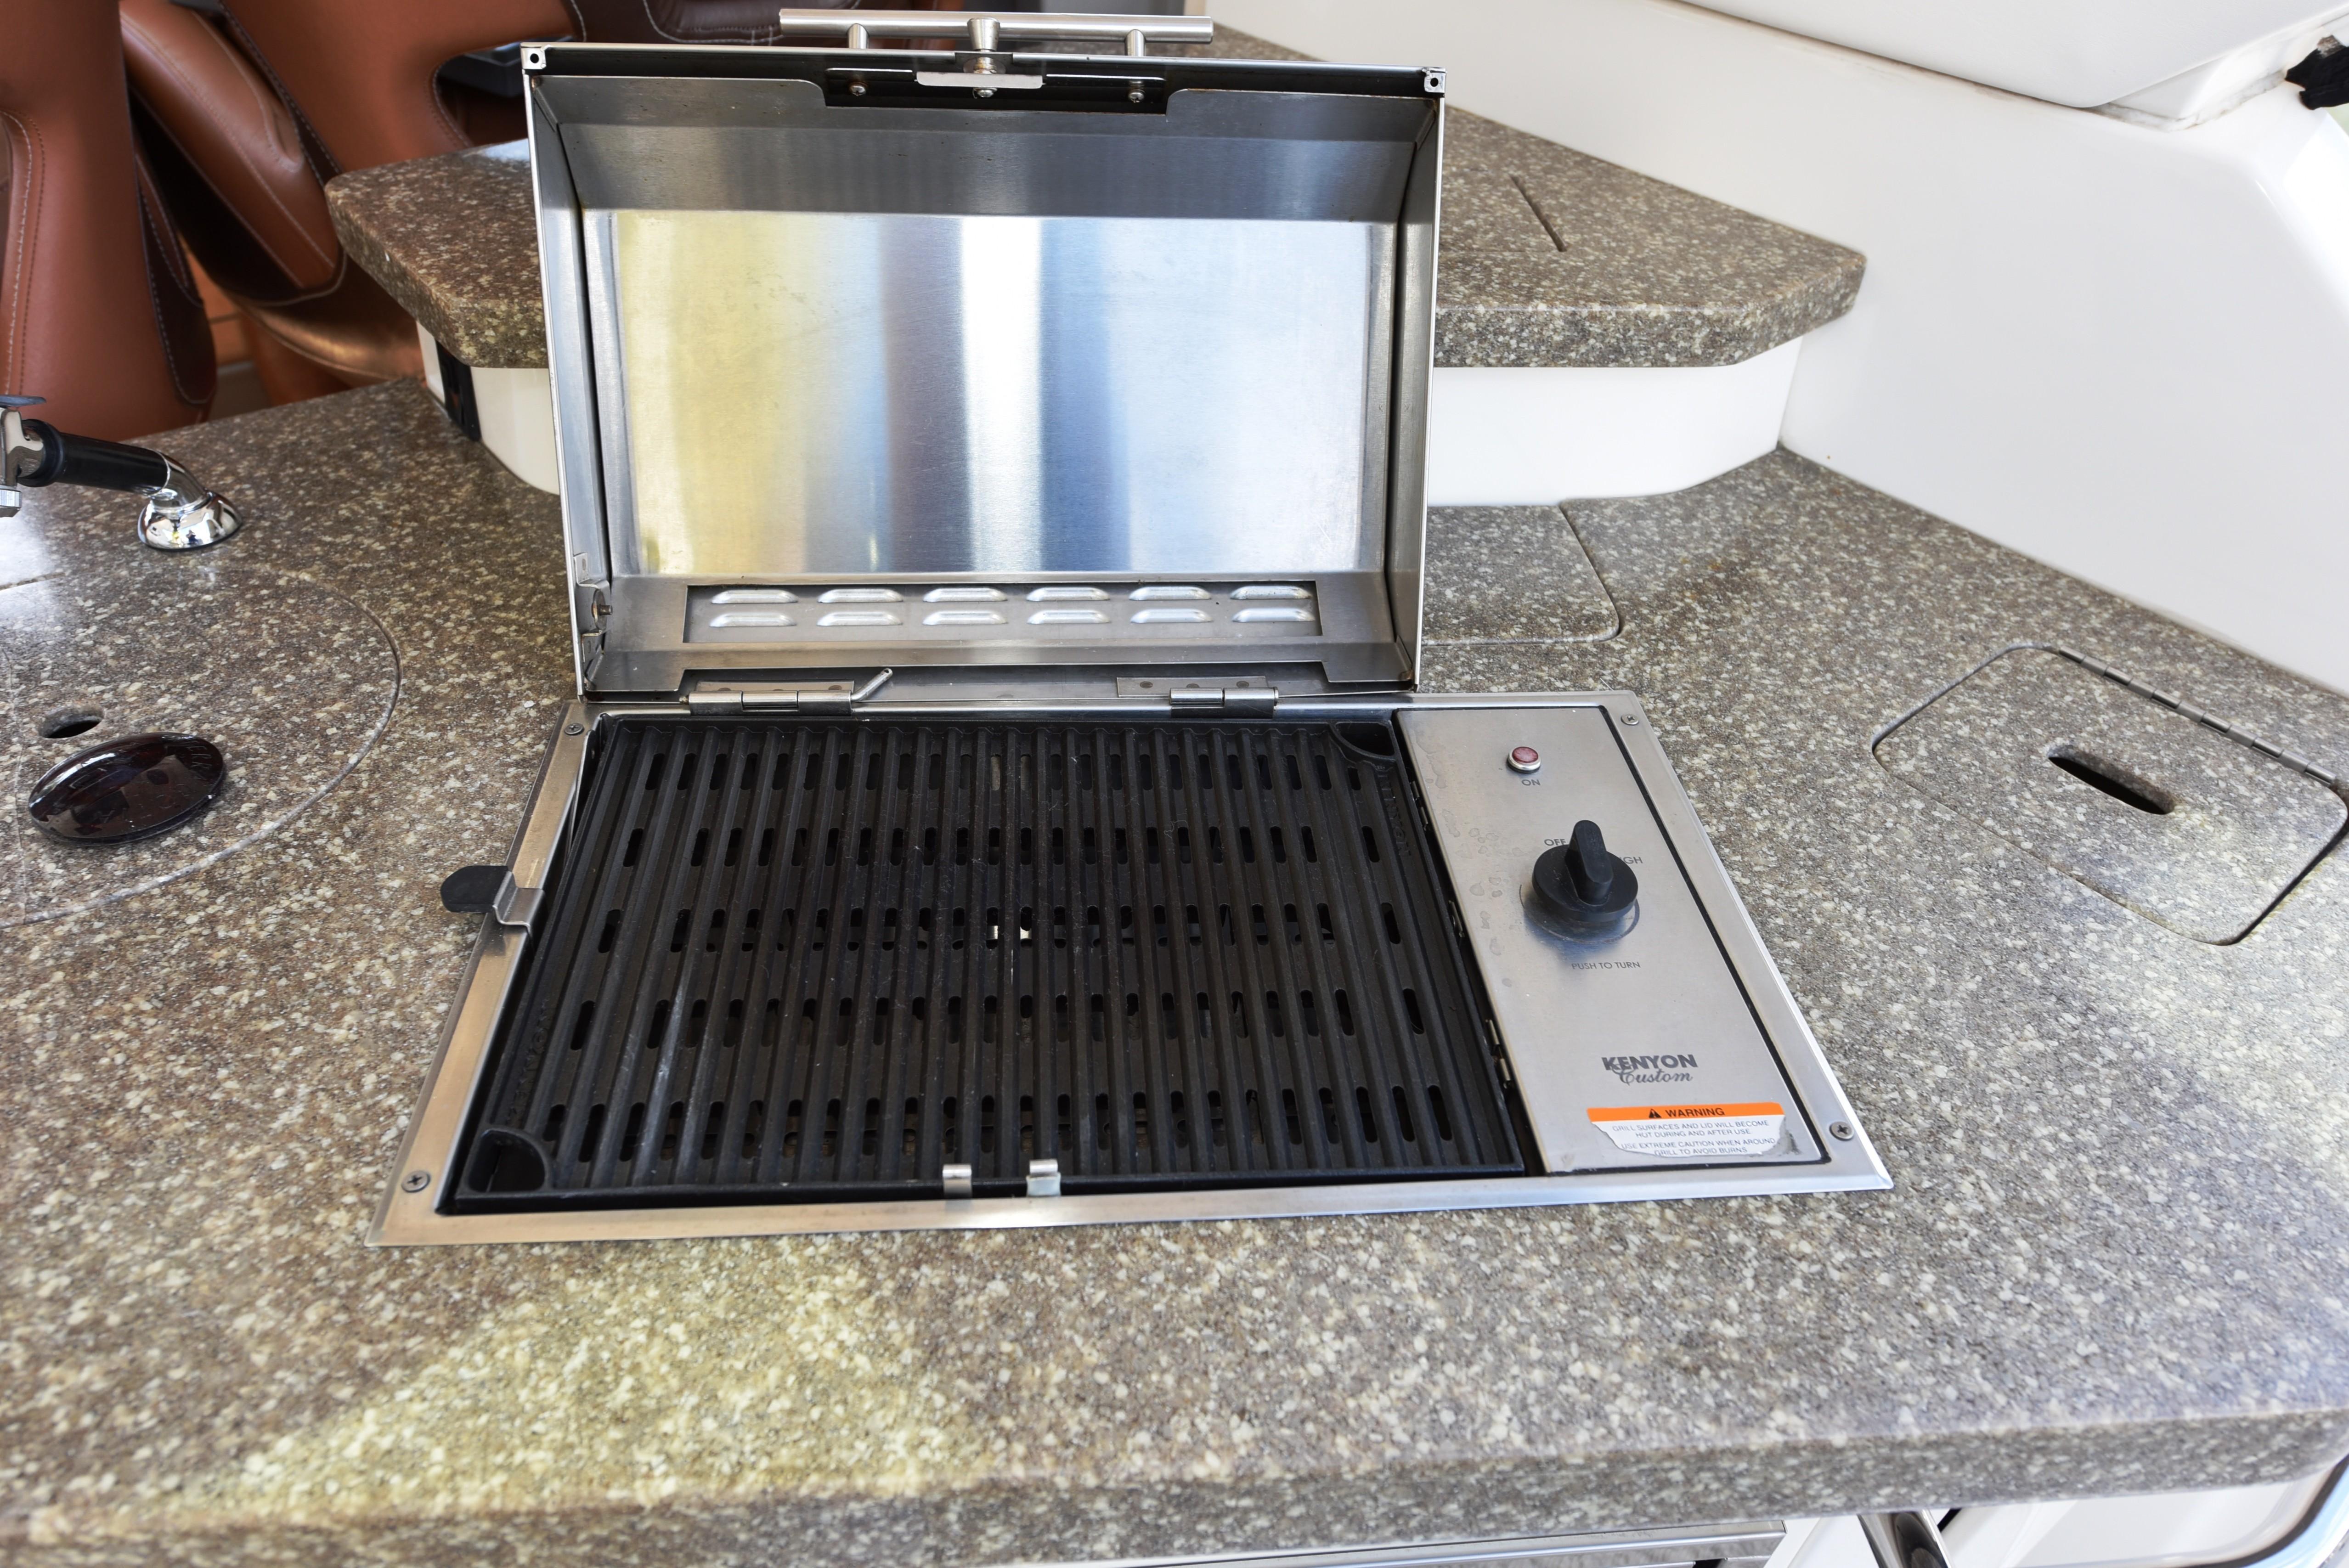 2010 Chaparral 400 Premier - Grill